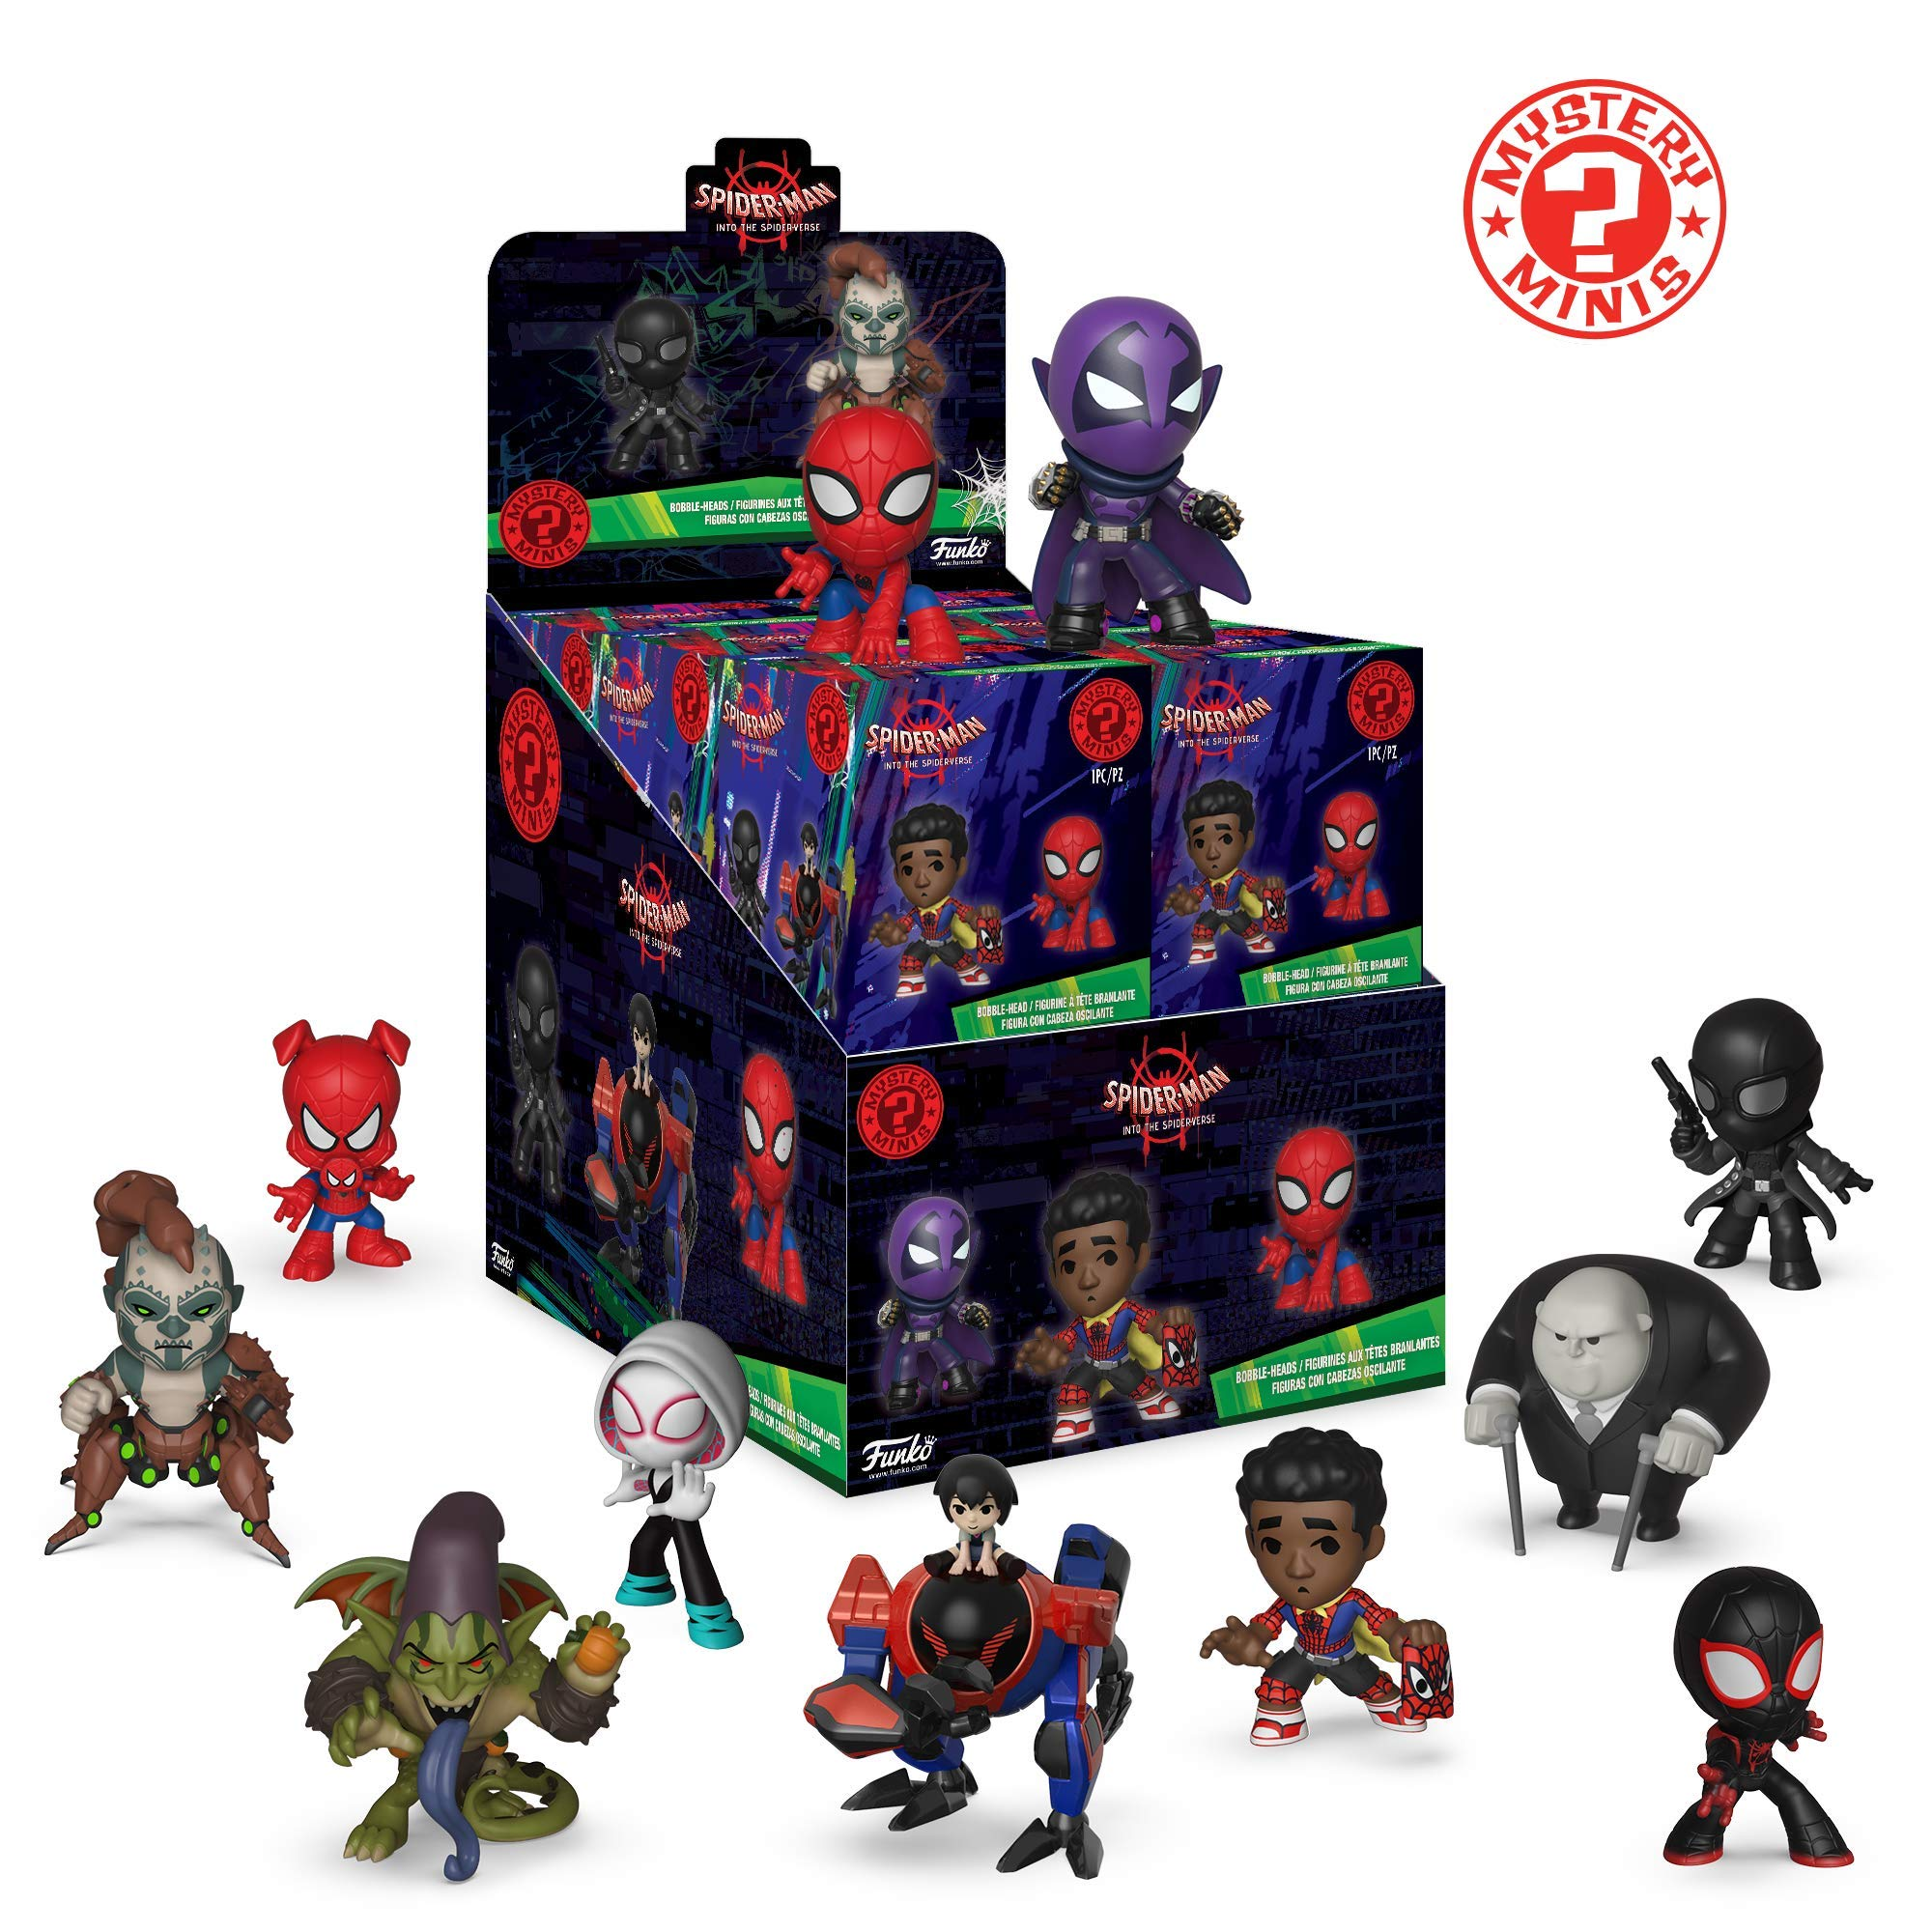 Funko – Mystery Mini Blind Box Color Marvel: Spiderman Animated Color PDQ (CDU 12), multicolor, 34757 , color/modelo surtido: Amazon.es: Juguetes y juegos